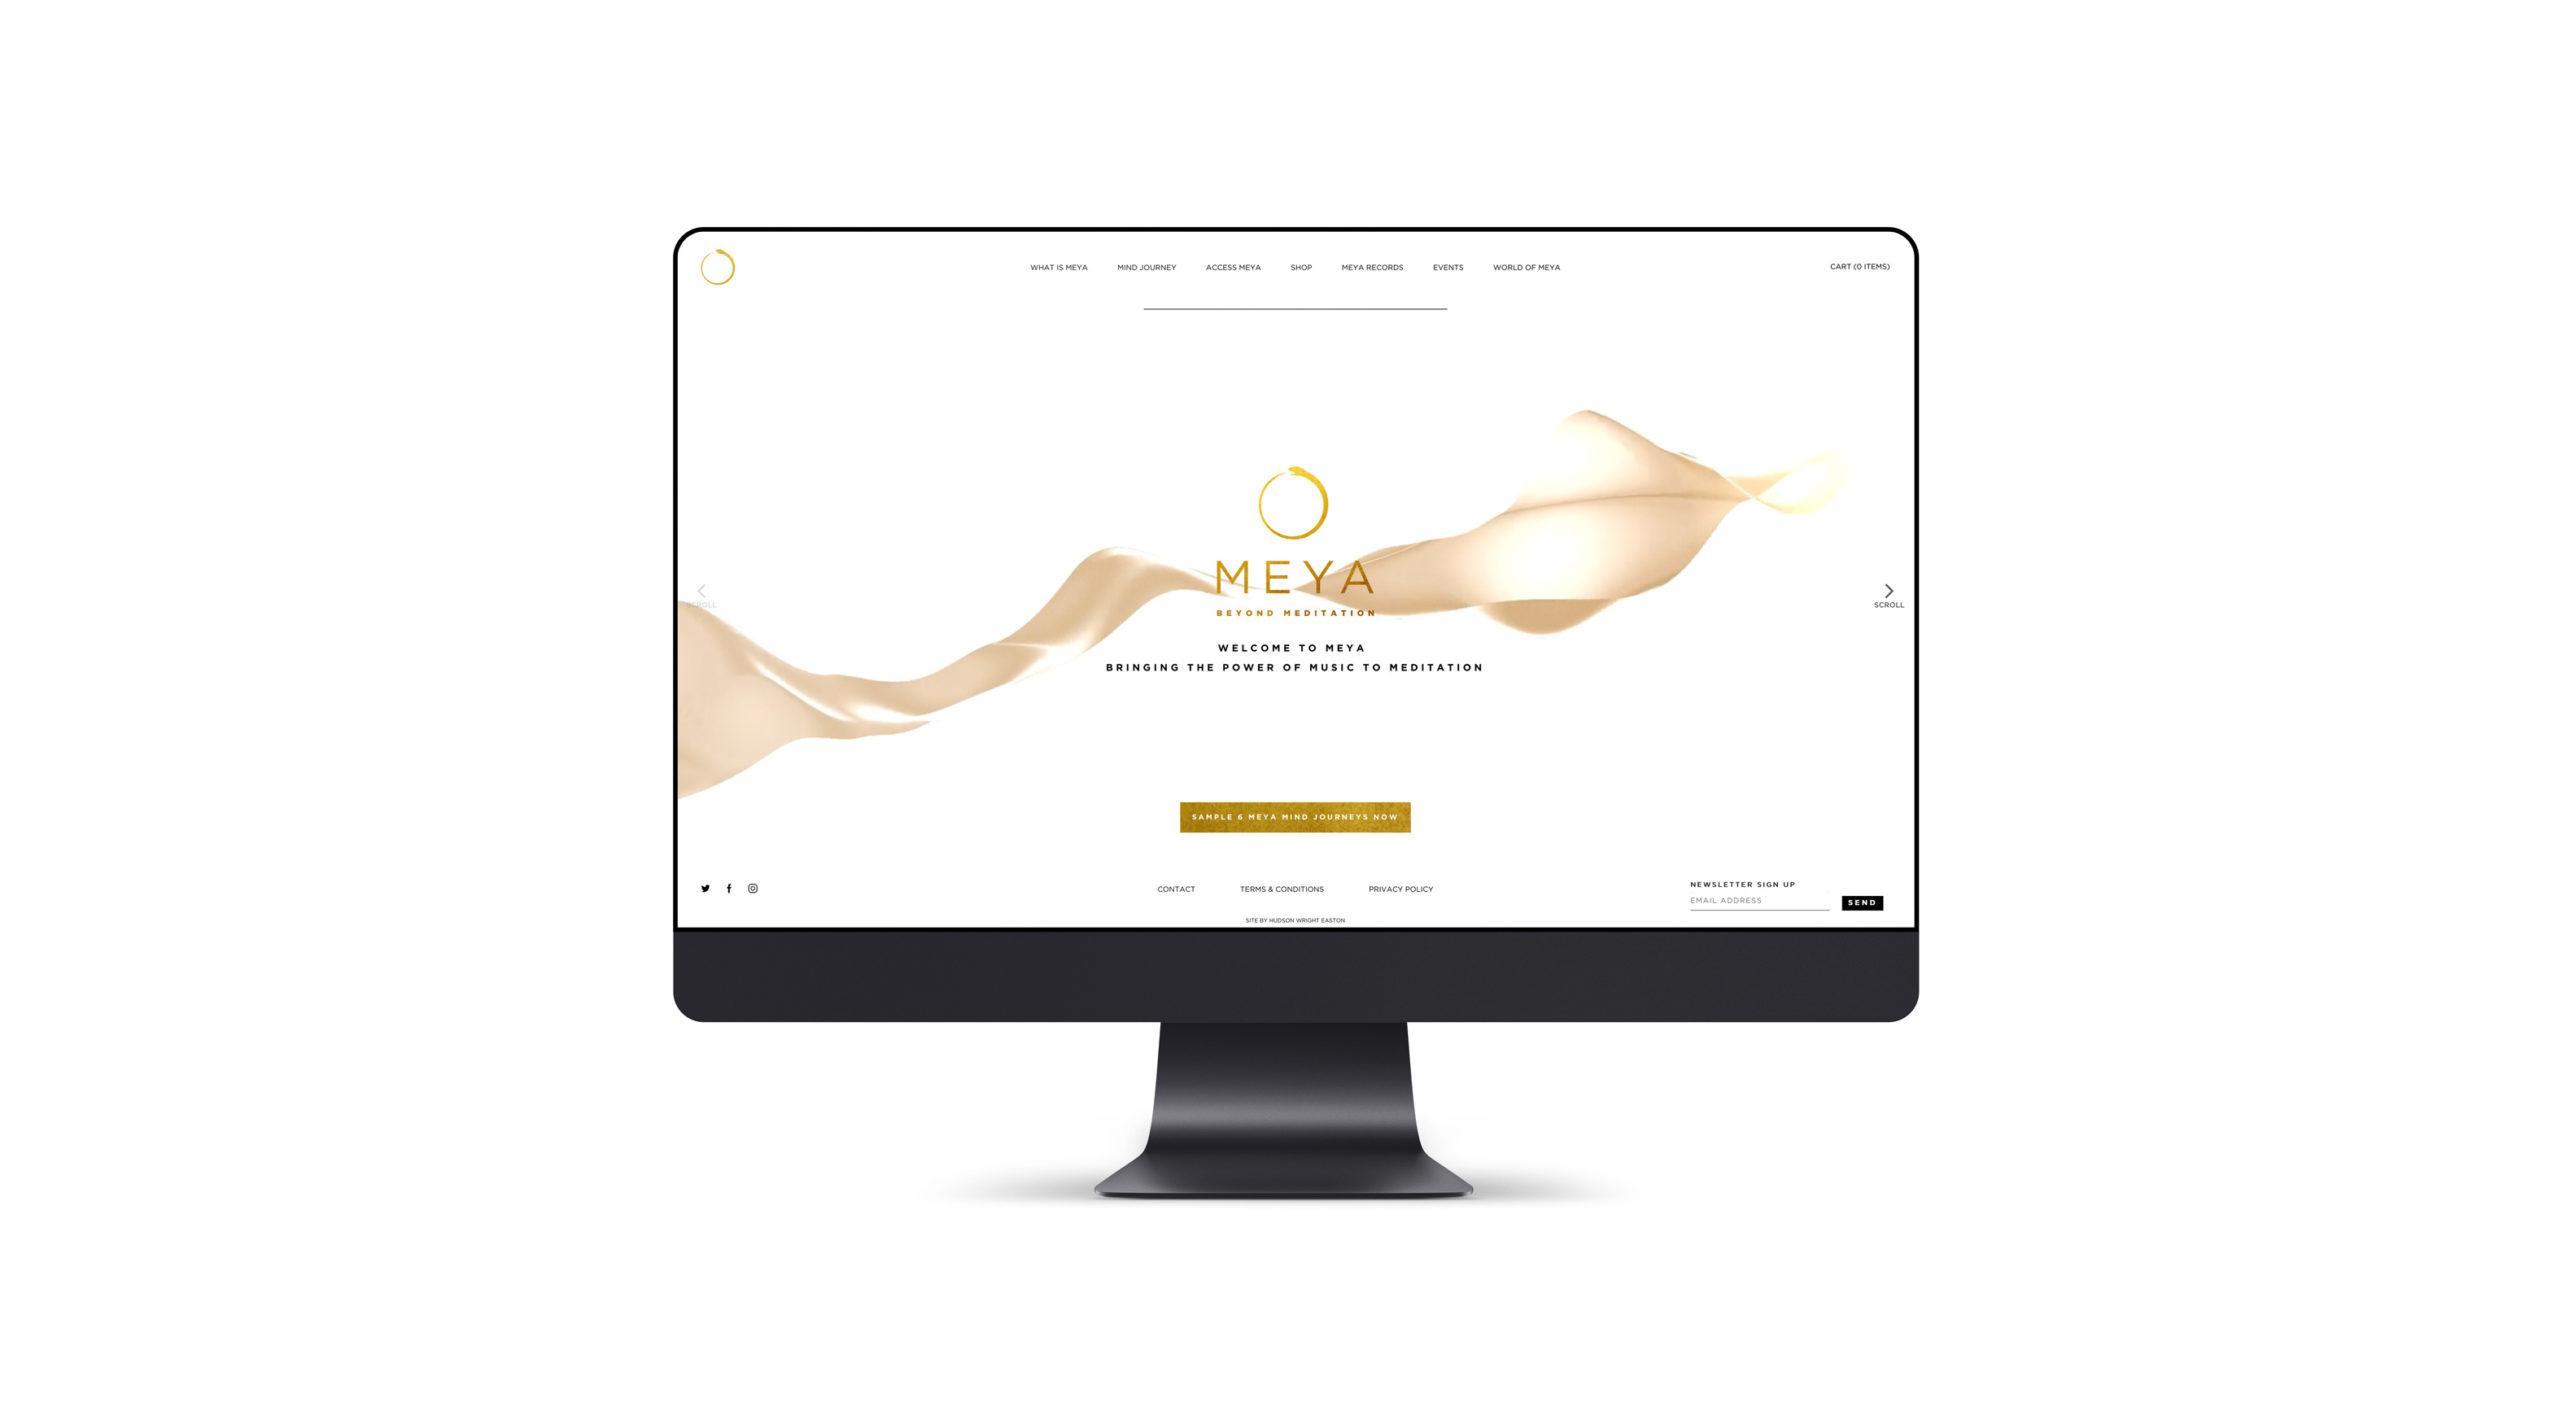 Meya Meditation app website design